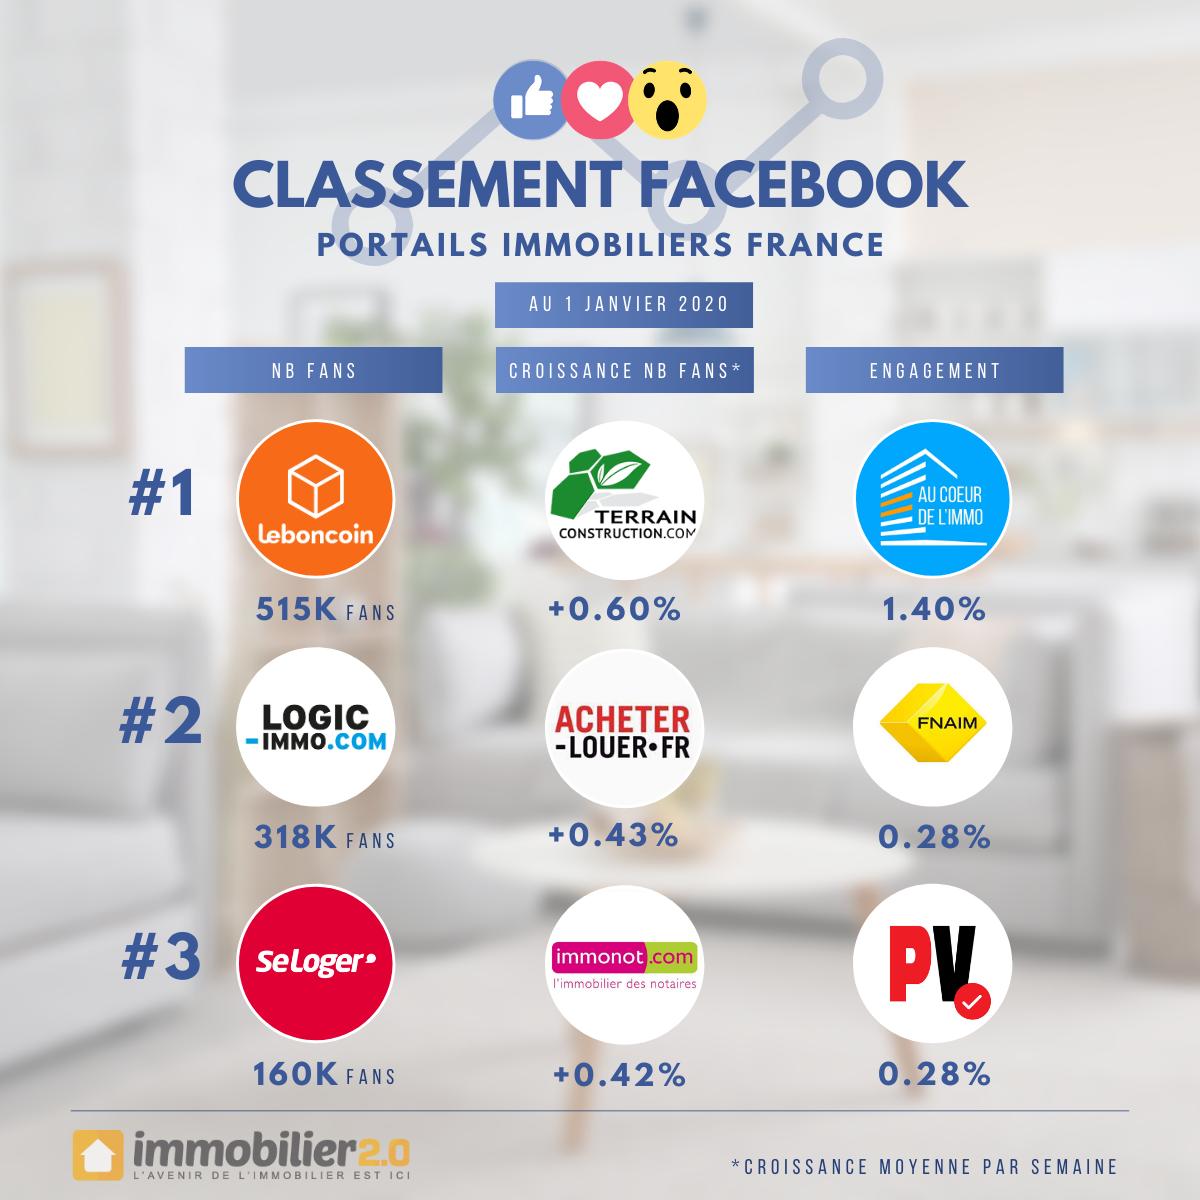 Classement Facebook Portails Immobiliers France Janvier 2020